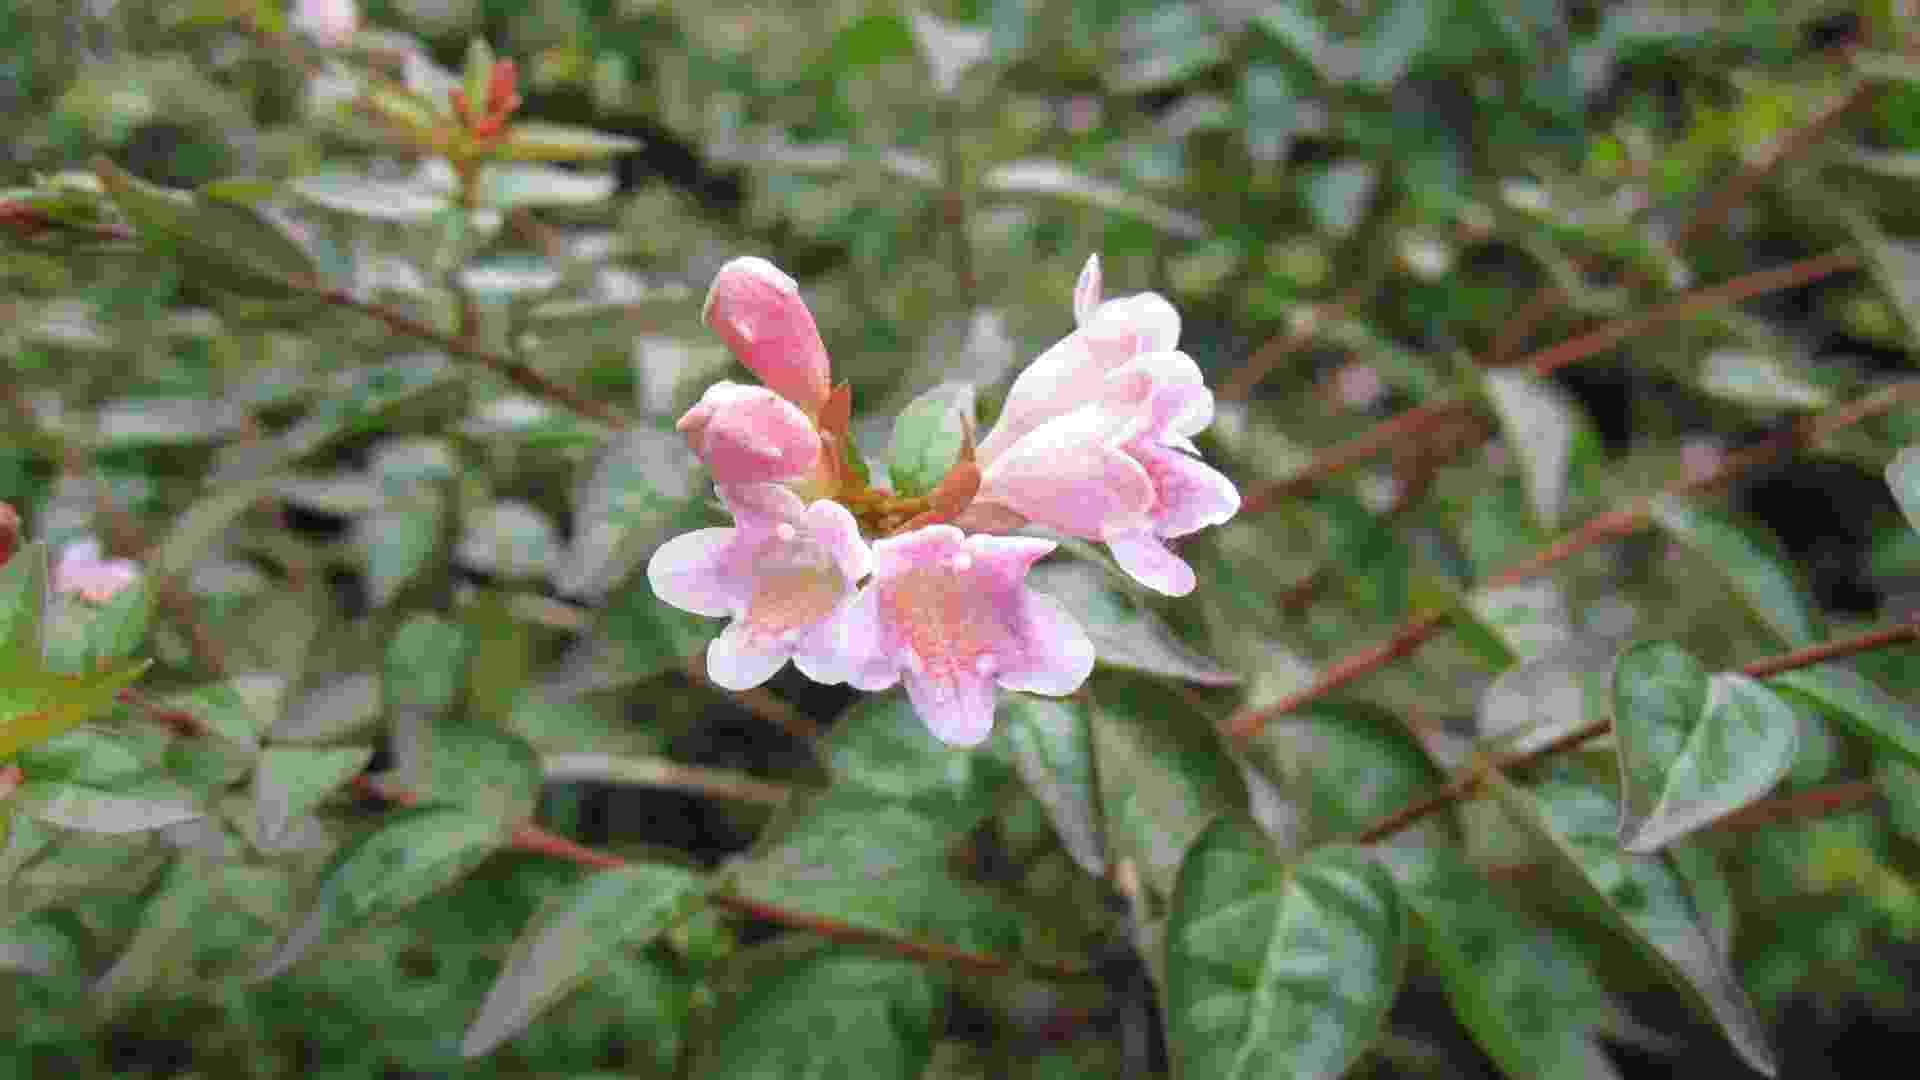 Abelia grandiflora (abélia): é um arbusto semi lenhoso que chega a atingir 2,5 m de altura. Com folhas brilhantes e flores brancas em cachos, possui suas sépalas (parte de trás das flores) na cor vinho. A variedade floresce abundantemente no verão e outono e suporta climas quentes e regiões de inverno rigoroso. Existe uma variedade de flores rosa (foto), menos utilizada, com menor quantidade de flores, mas igualmente bela - Heloiza Rodrigues – A Prima Plantarum/ Divulgação